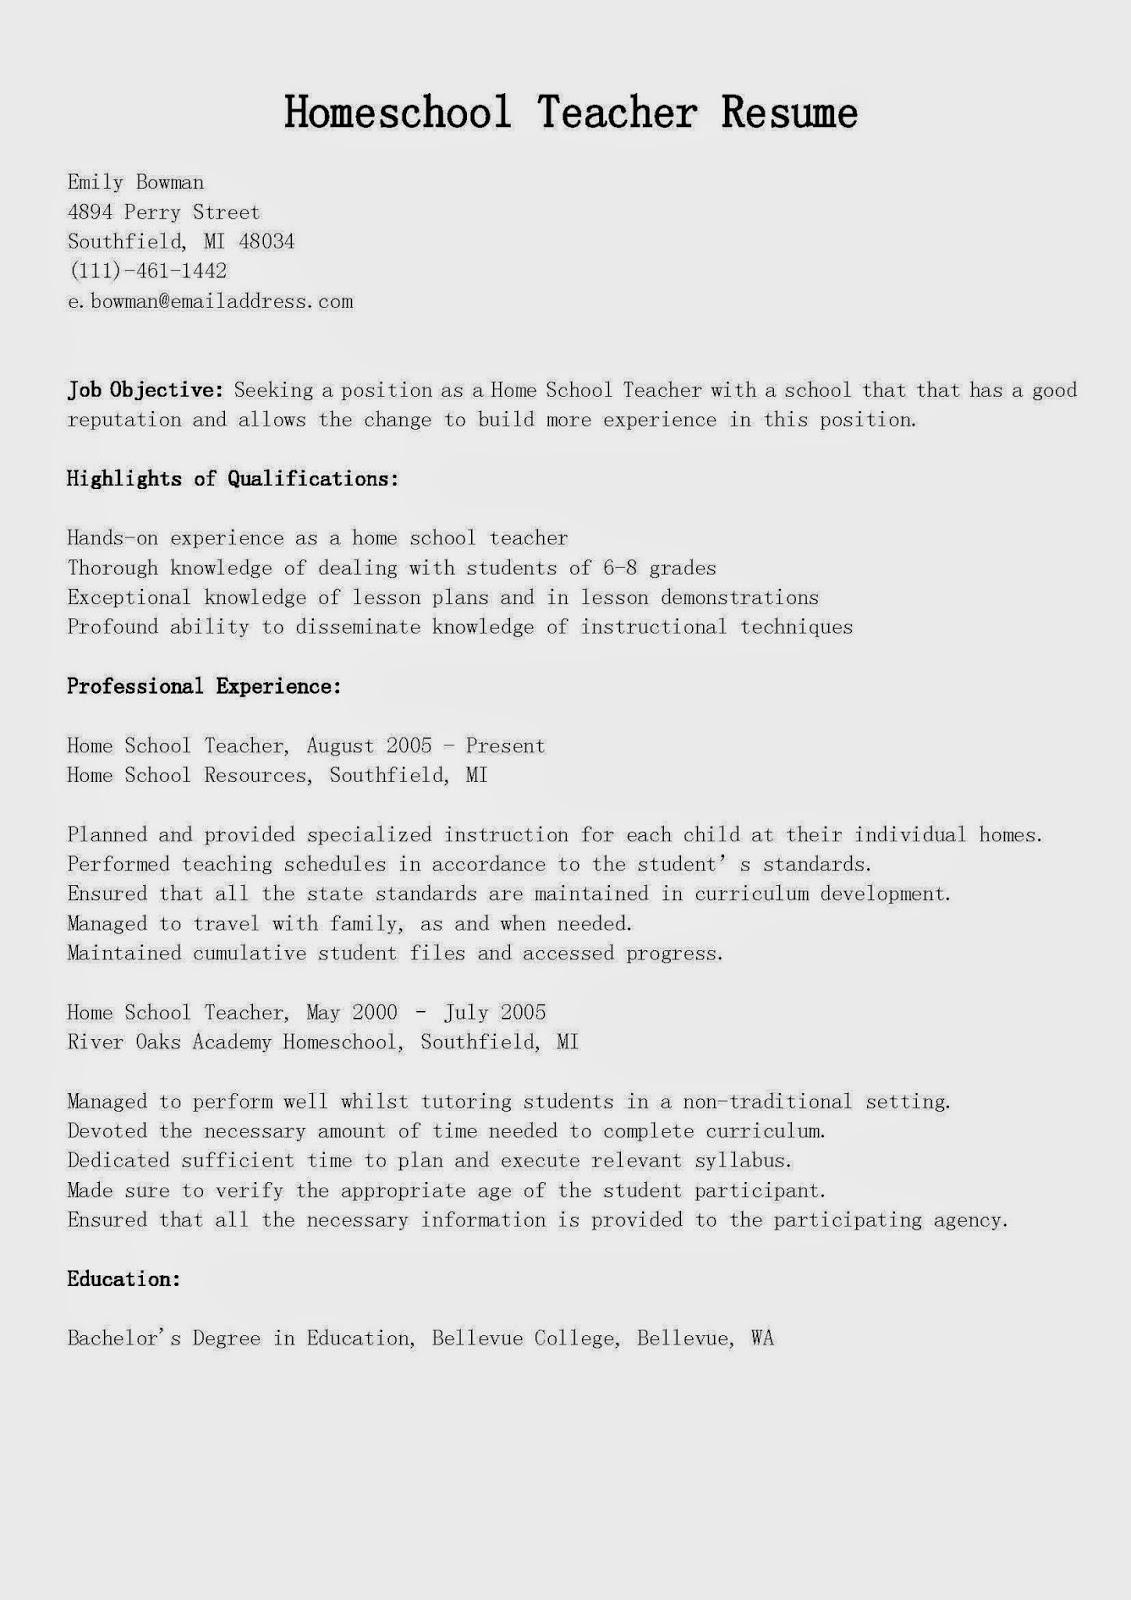 resume samples  homeschool teacher resume sample